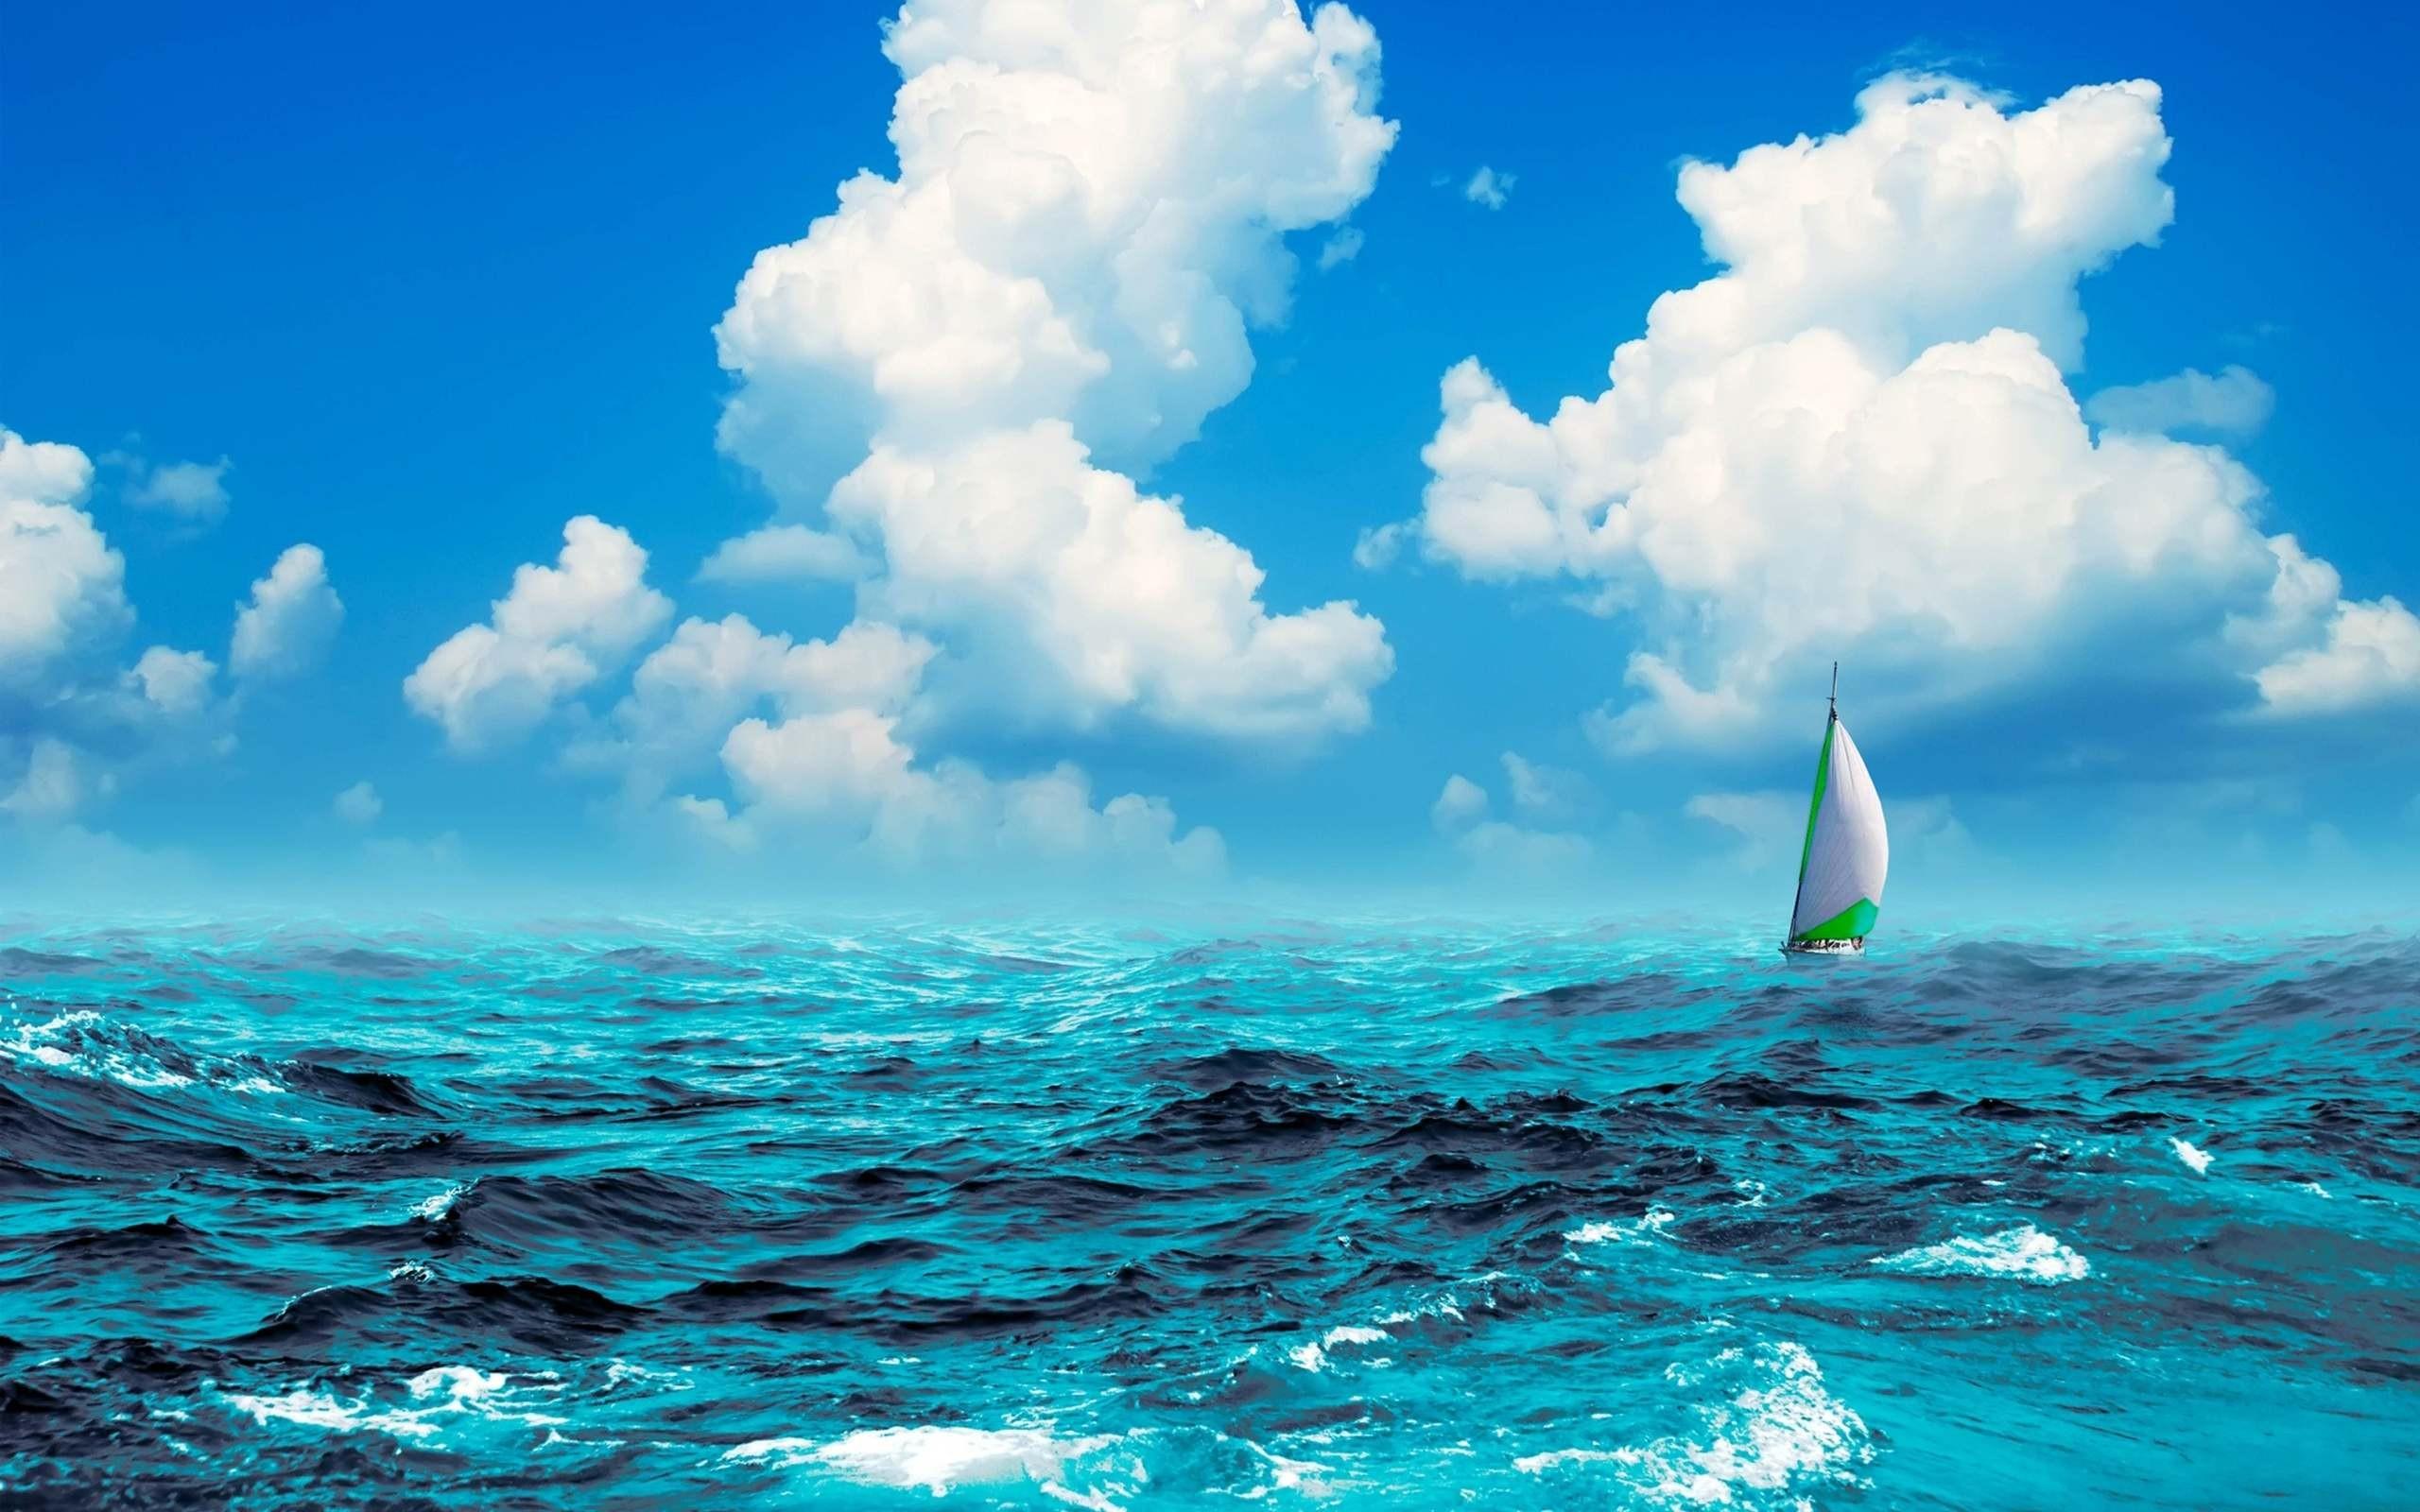 Sail Boat In The Sea Desktop Background Wallpaper Sea 2560x1600